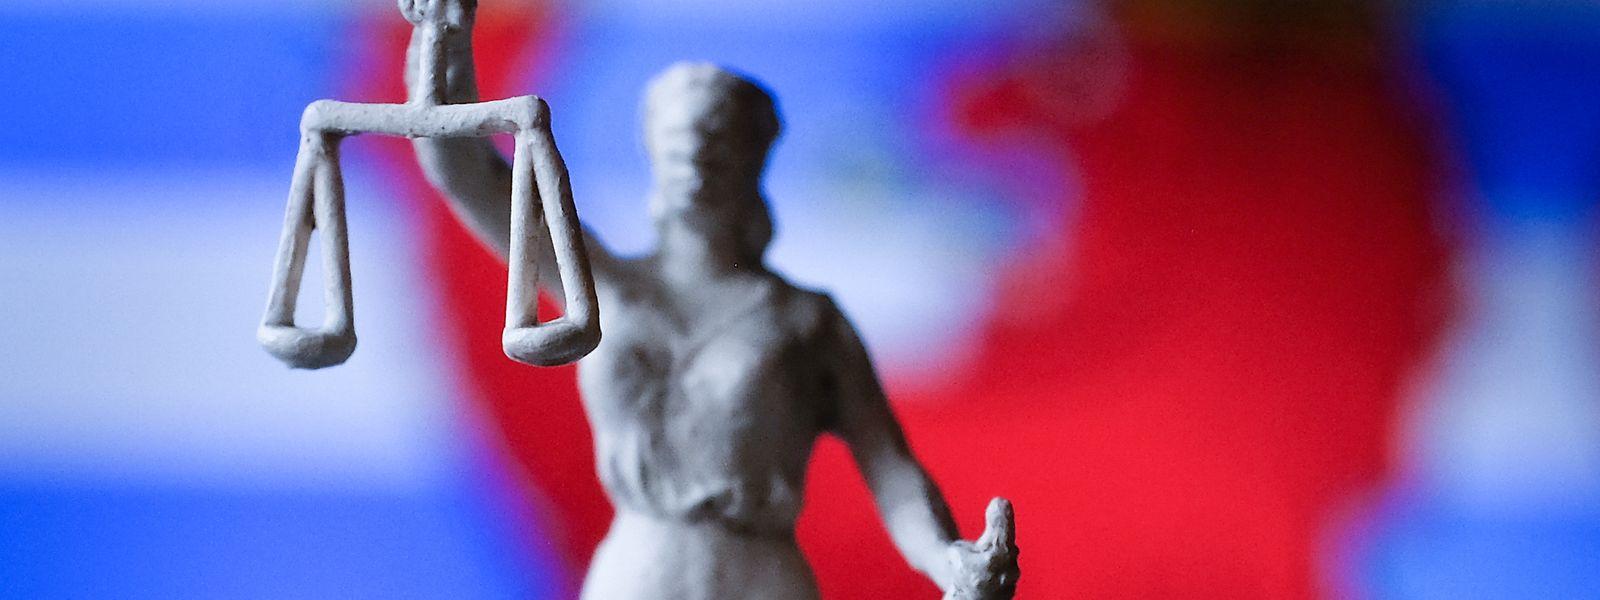 Die Trennung von Kirche und Staat ist längst beschlossene Sache, doch die Folgen beschäftigen weiter die Gerichte.